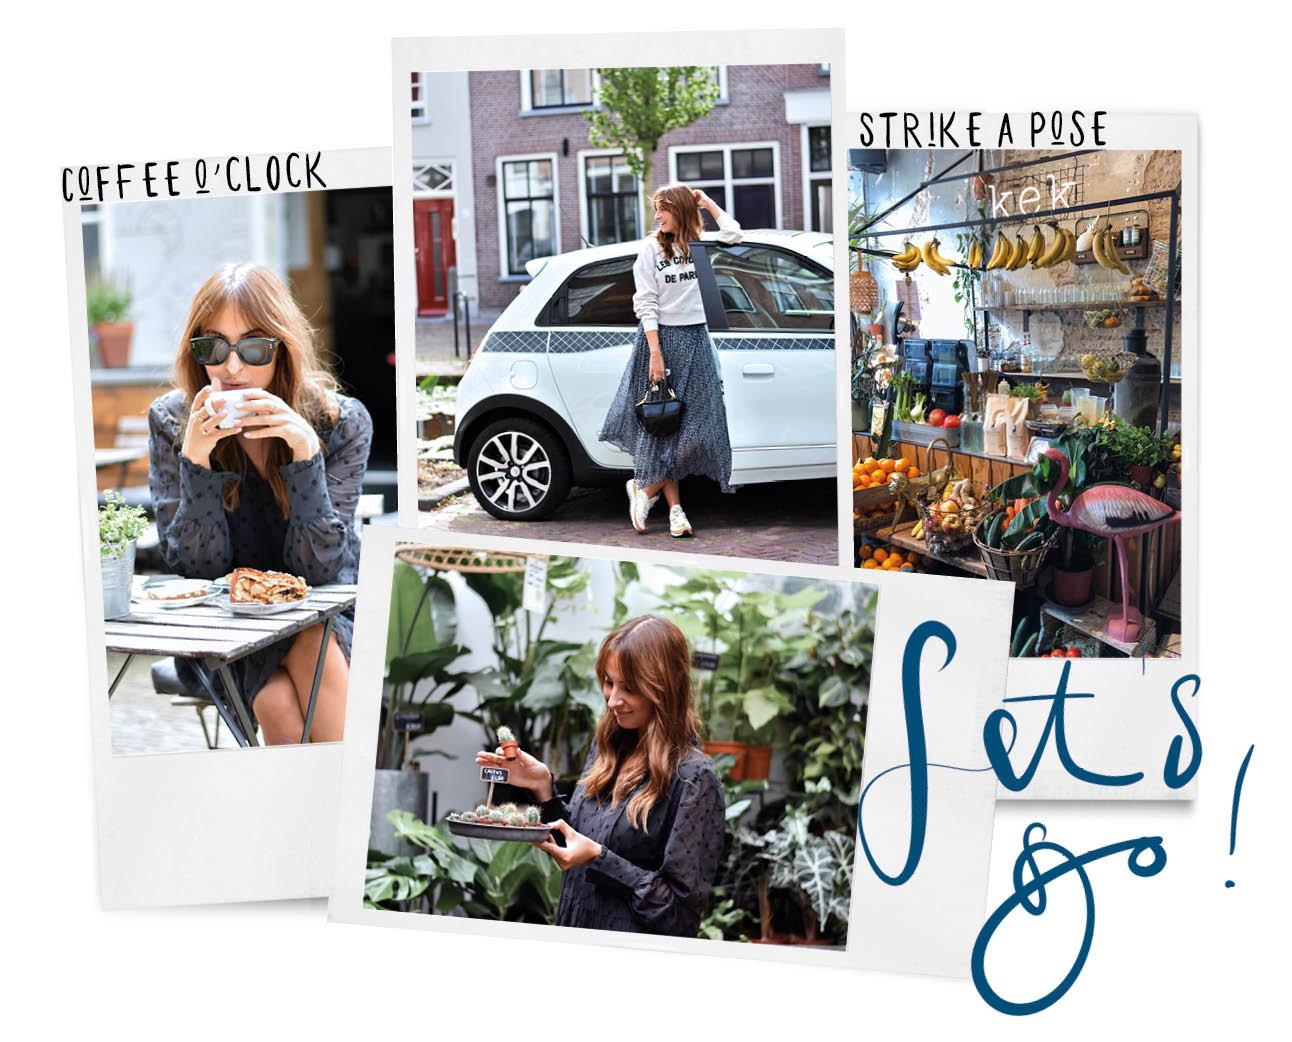 lilian door Delft reizen hotspots en shops koffie drinken op het terras en planten winkel lachend